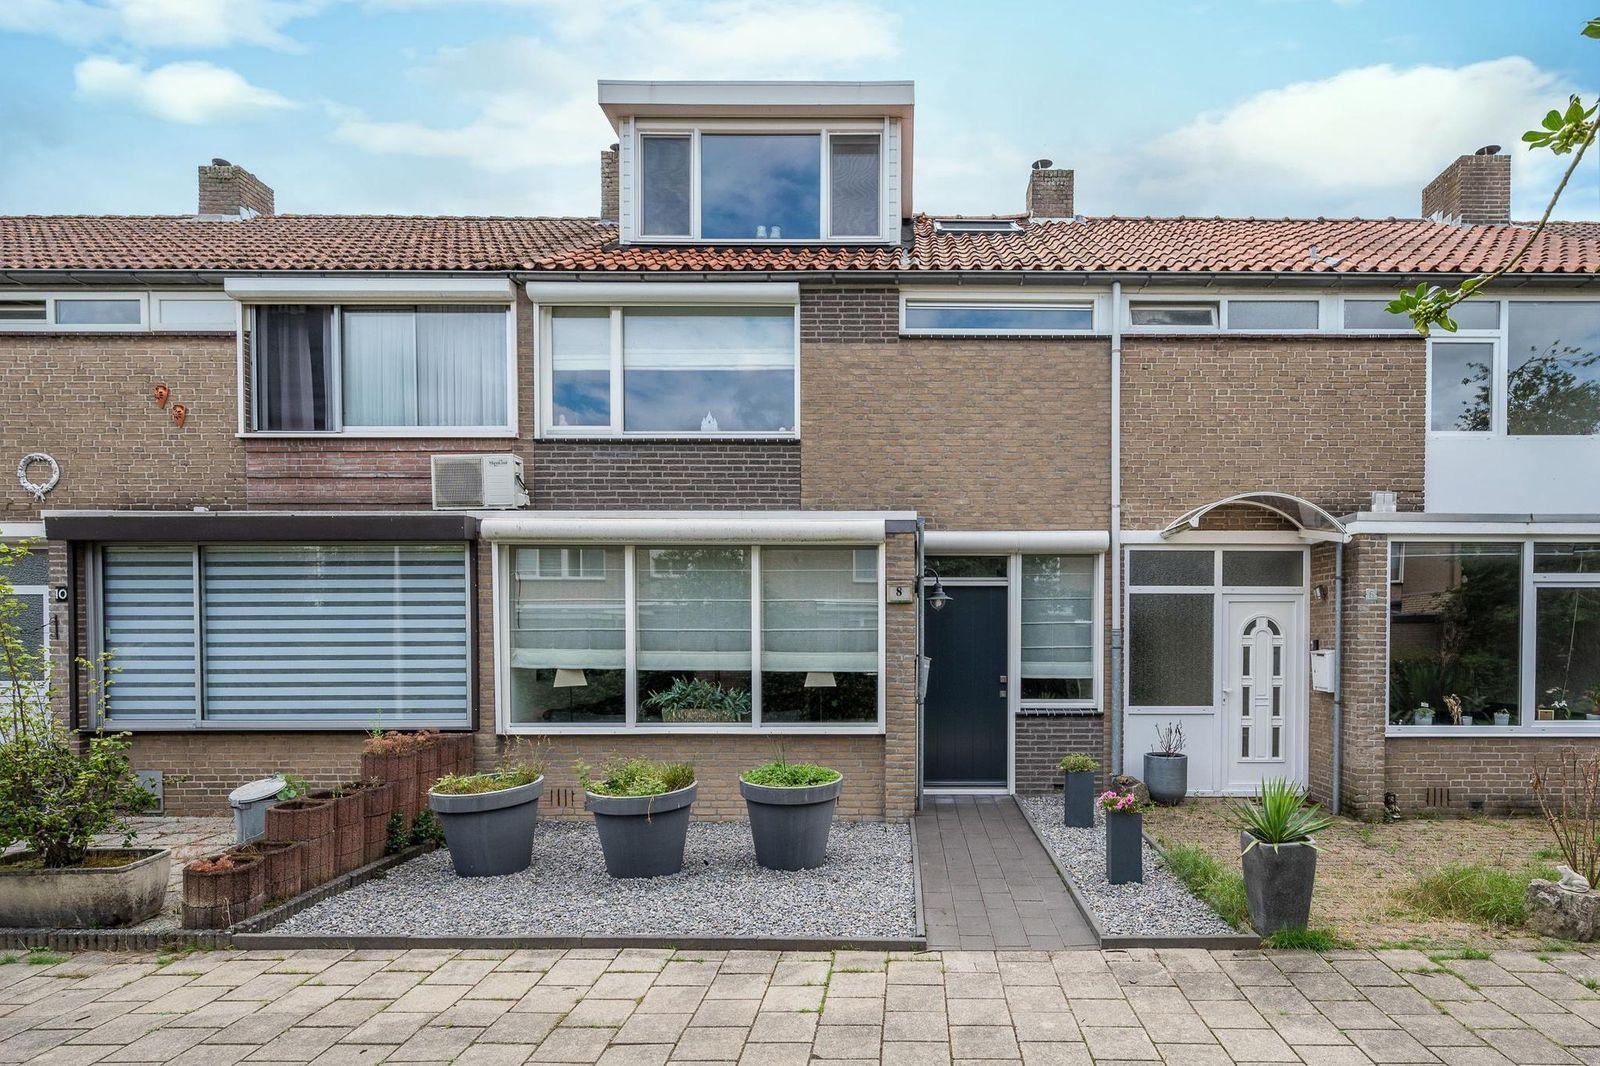 de Beaufortpad 8, Eindhoven